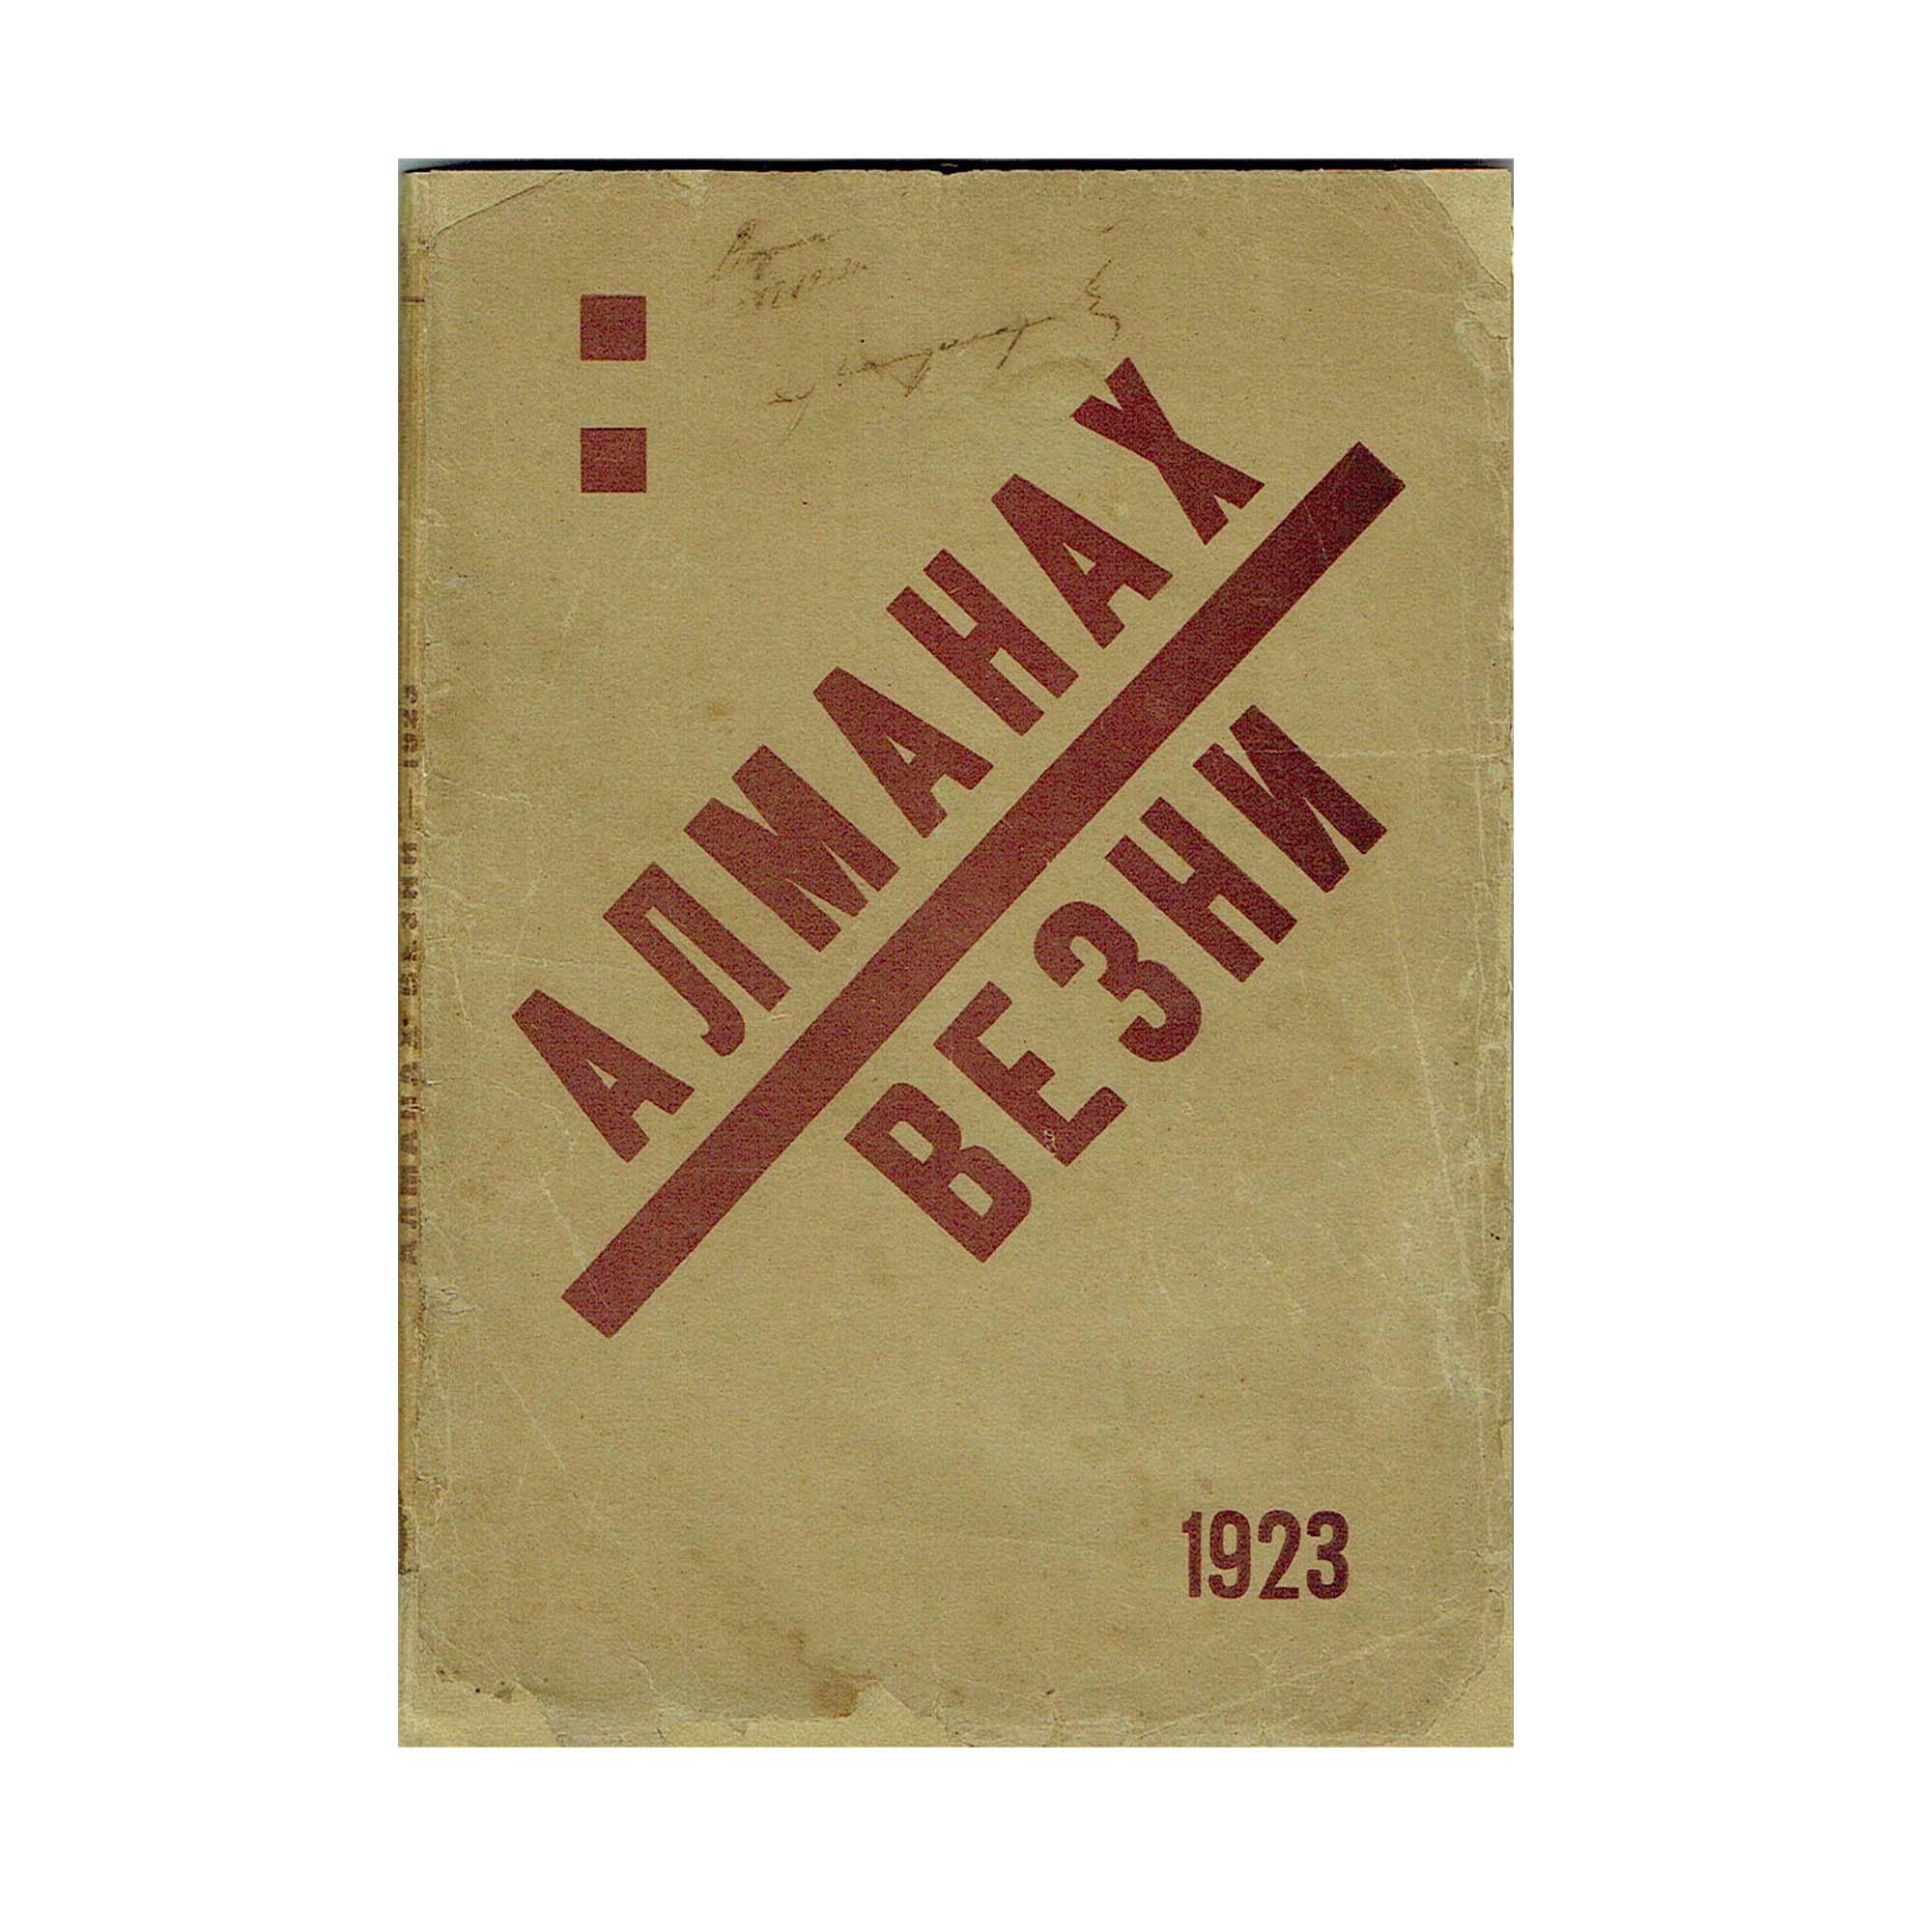 5201-Almanah-Vezni-1923-1-N.jpeg